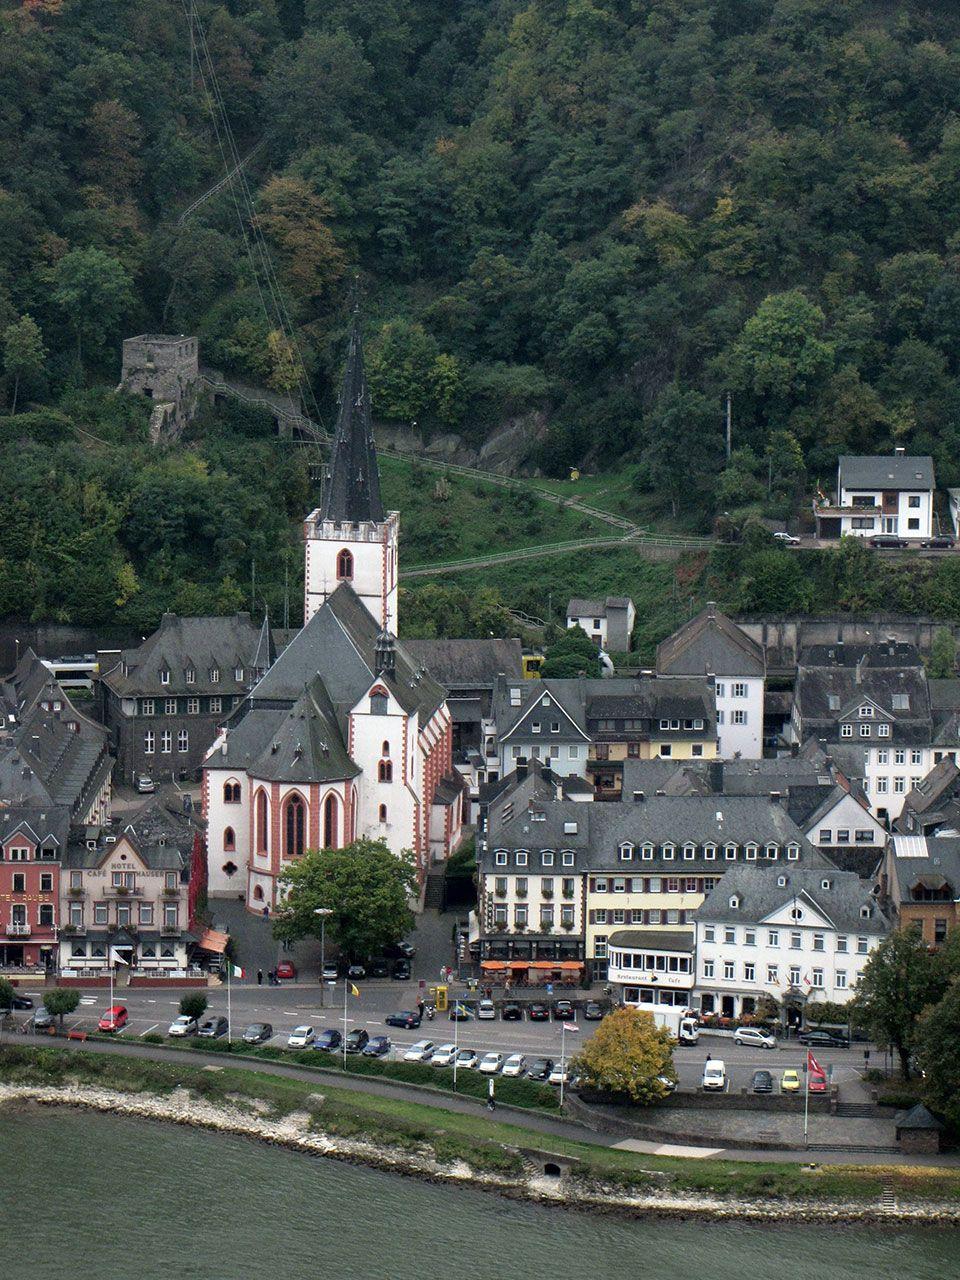 StGoarStiftskirche | Immobilienmkler St. Goarshausen